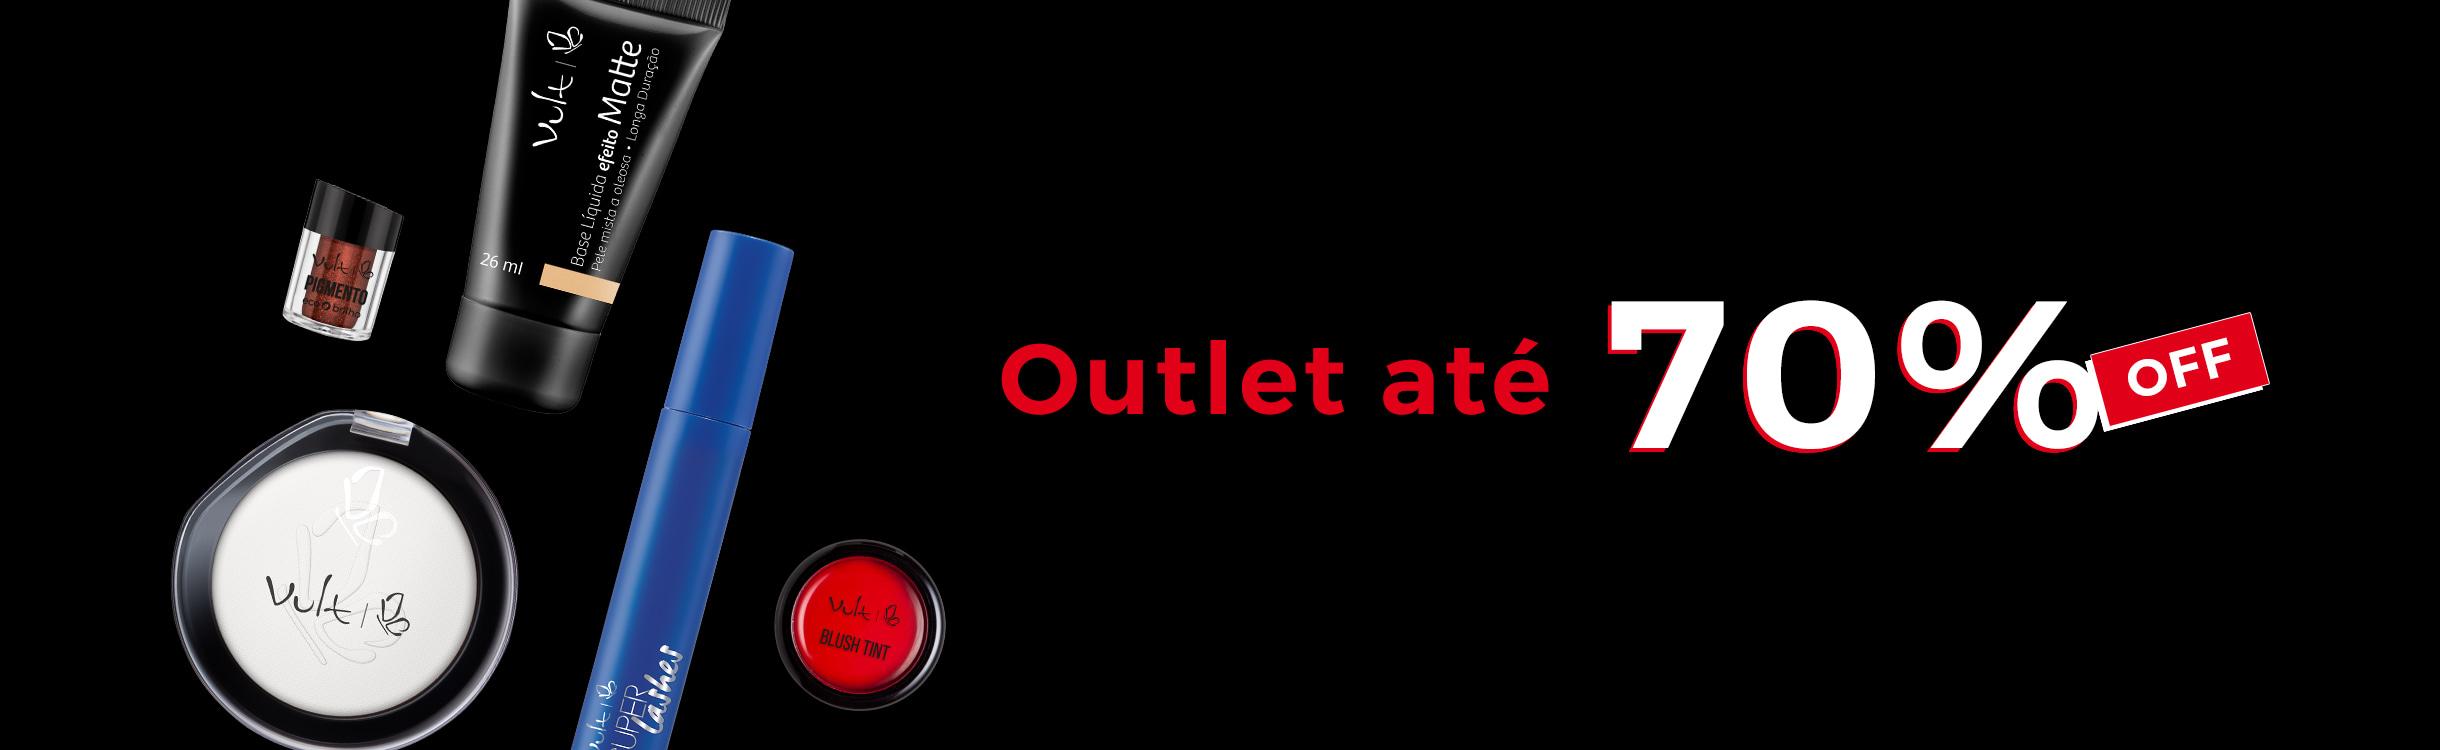 Outlet até 70%OFF